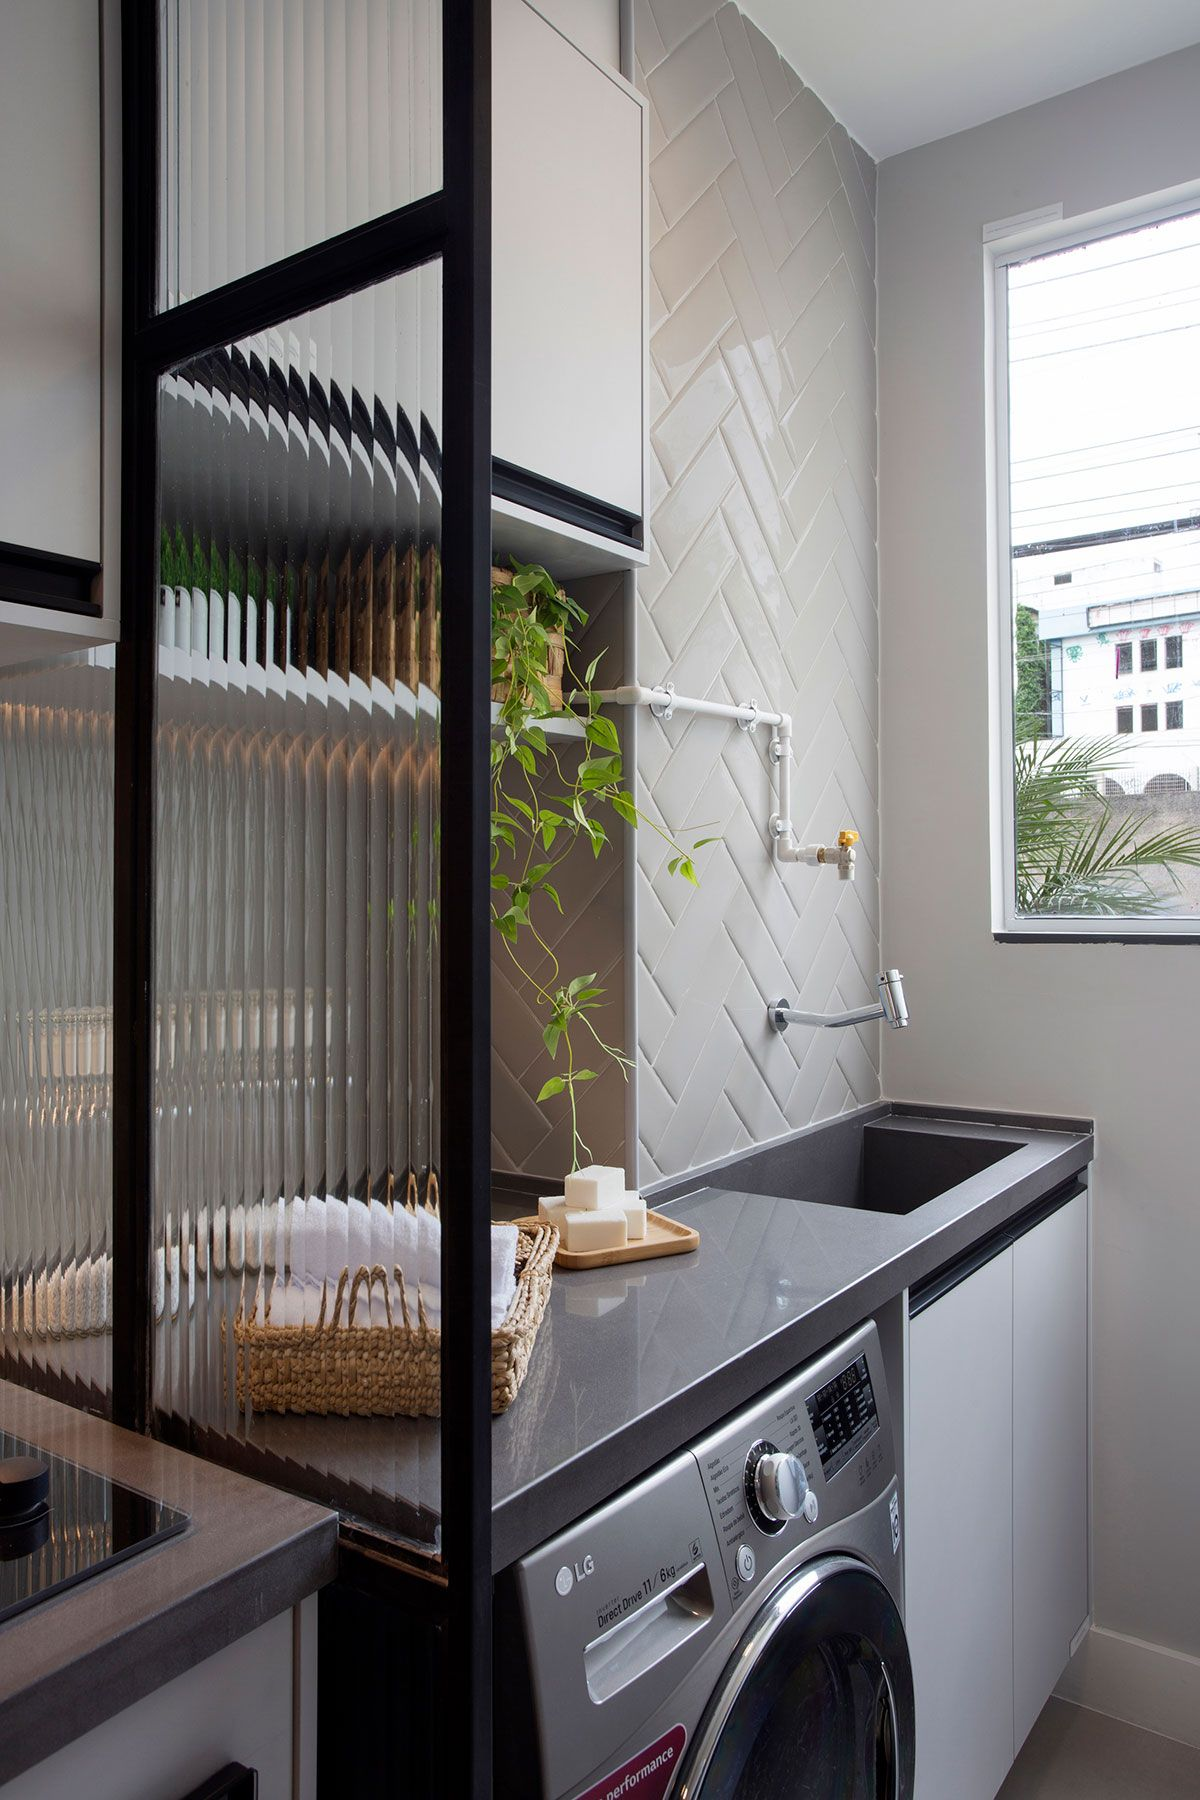 Conforto e Qualidade de Vida em 27m2 | Apartamentos pequenos, Decoração  varanda apartamento, Cozinha apartamento pequeno